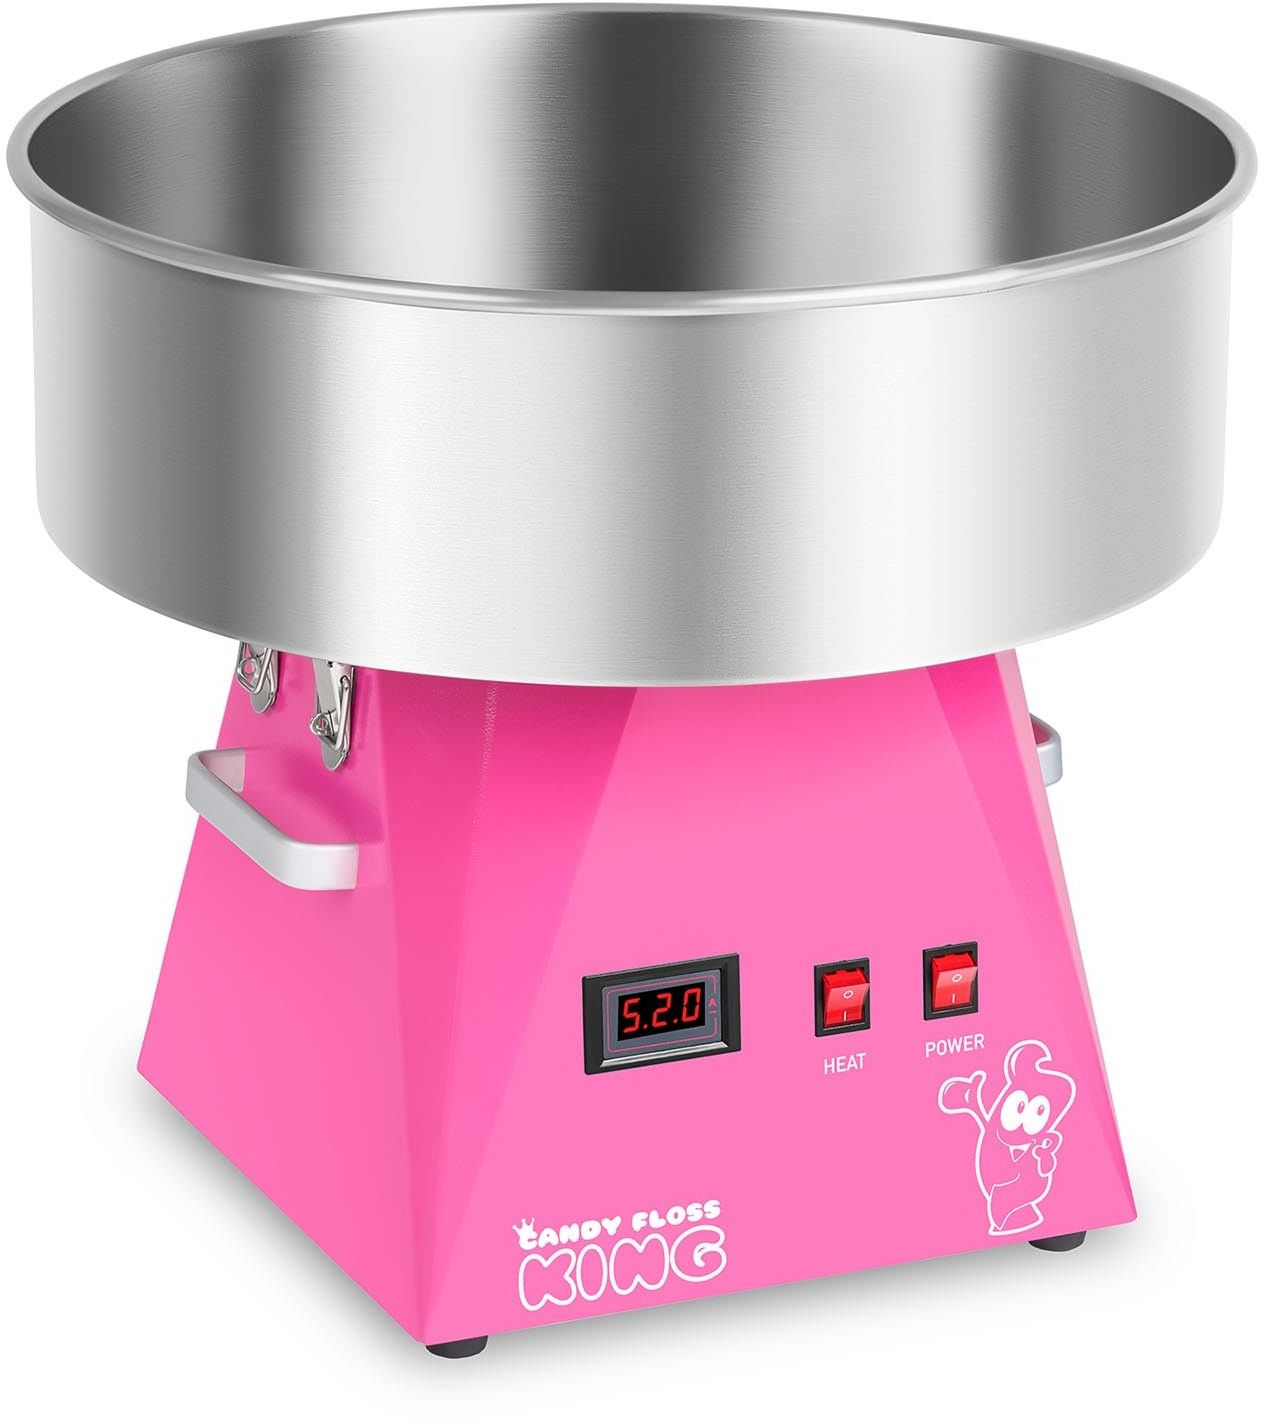 Zestaw Maszyna do waty cukrowej - 52 cm + Świecące pałeczki LED 50 sztuk - Royal Catering - RCZK-1030-W-R SET1 - 3 lata gwarancji/wysyłka w 24h